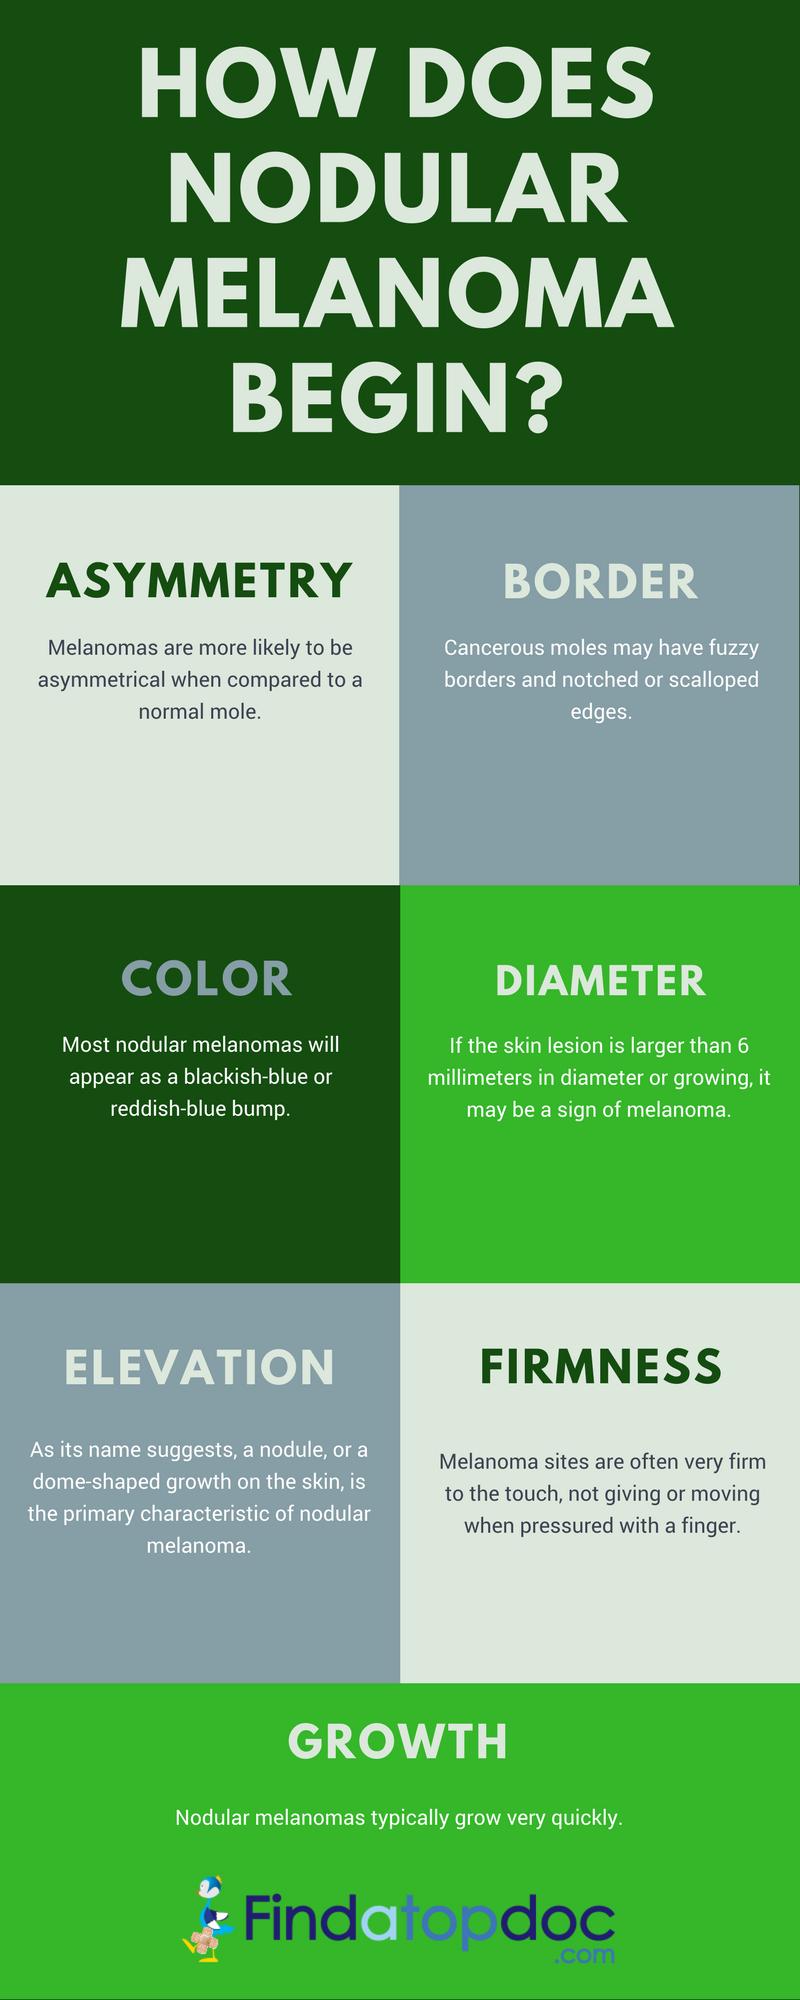 What Is Nodular Melanoma? Symptoms of Nodular Melanoma?